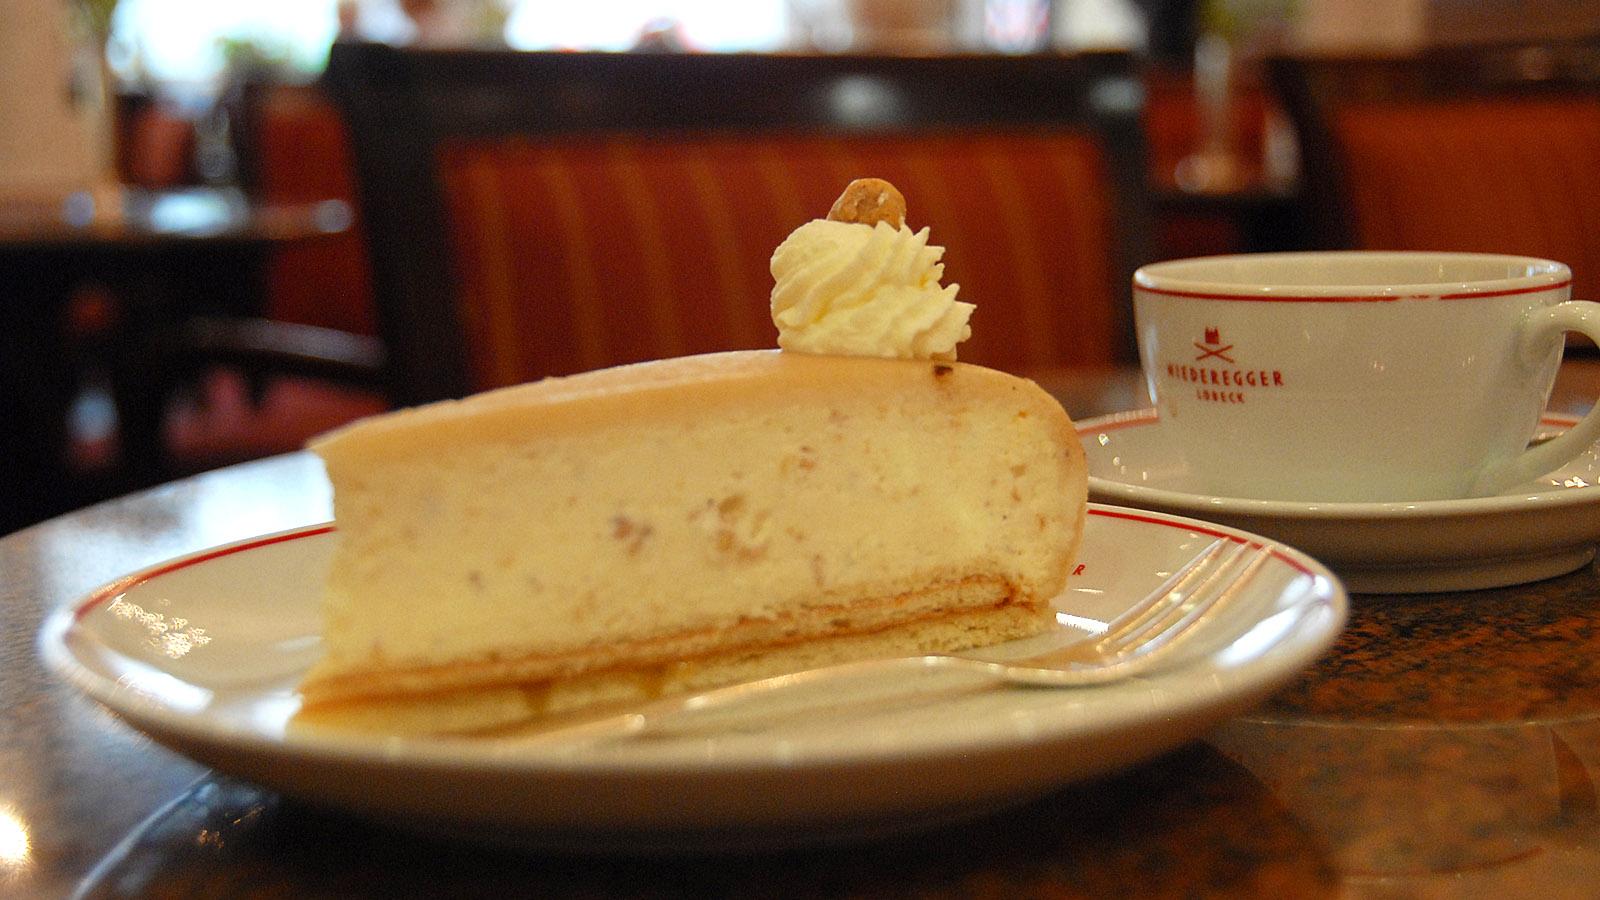 Berühmt: die Marzipan-Torte von Niederegger, die das hauseigene Café in der Breiten Straße serviert. Foto: Hilke Maunder